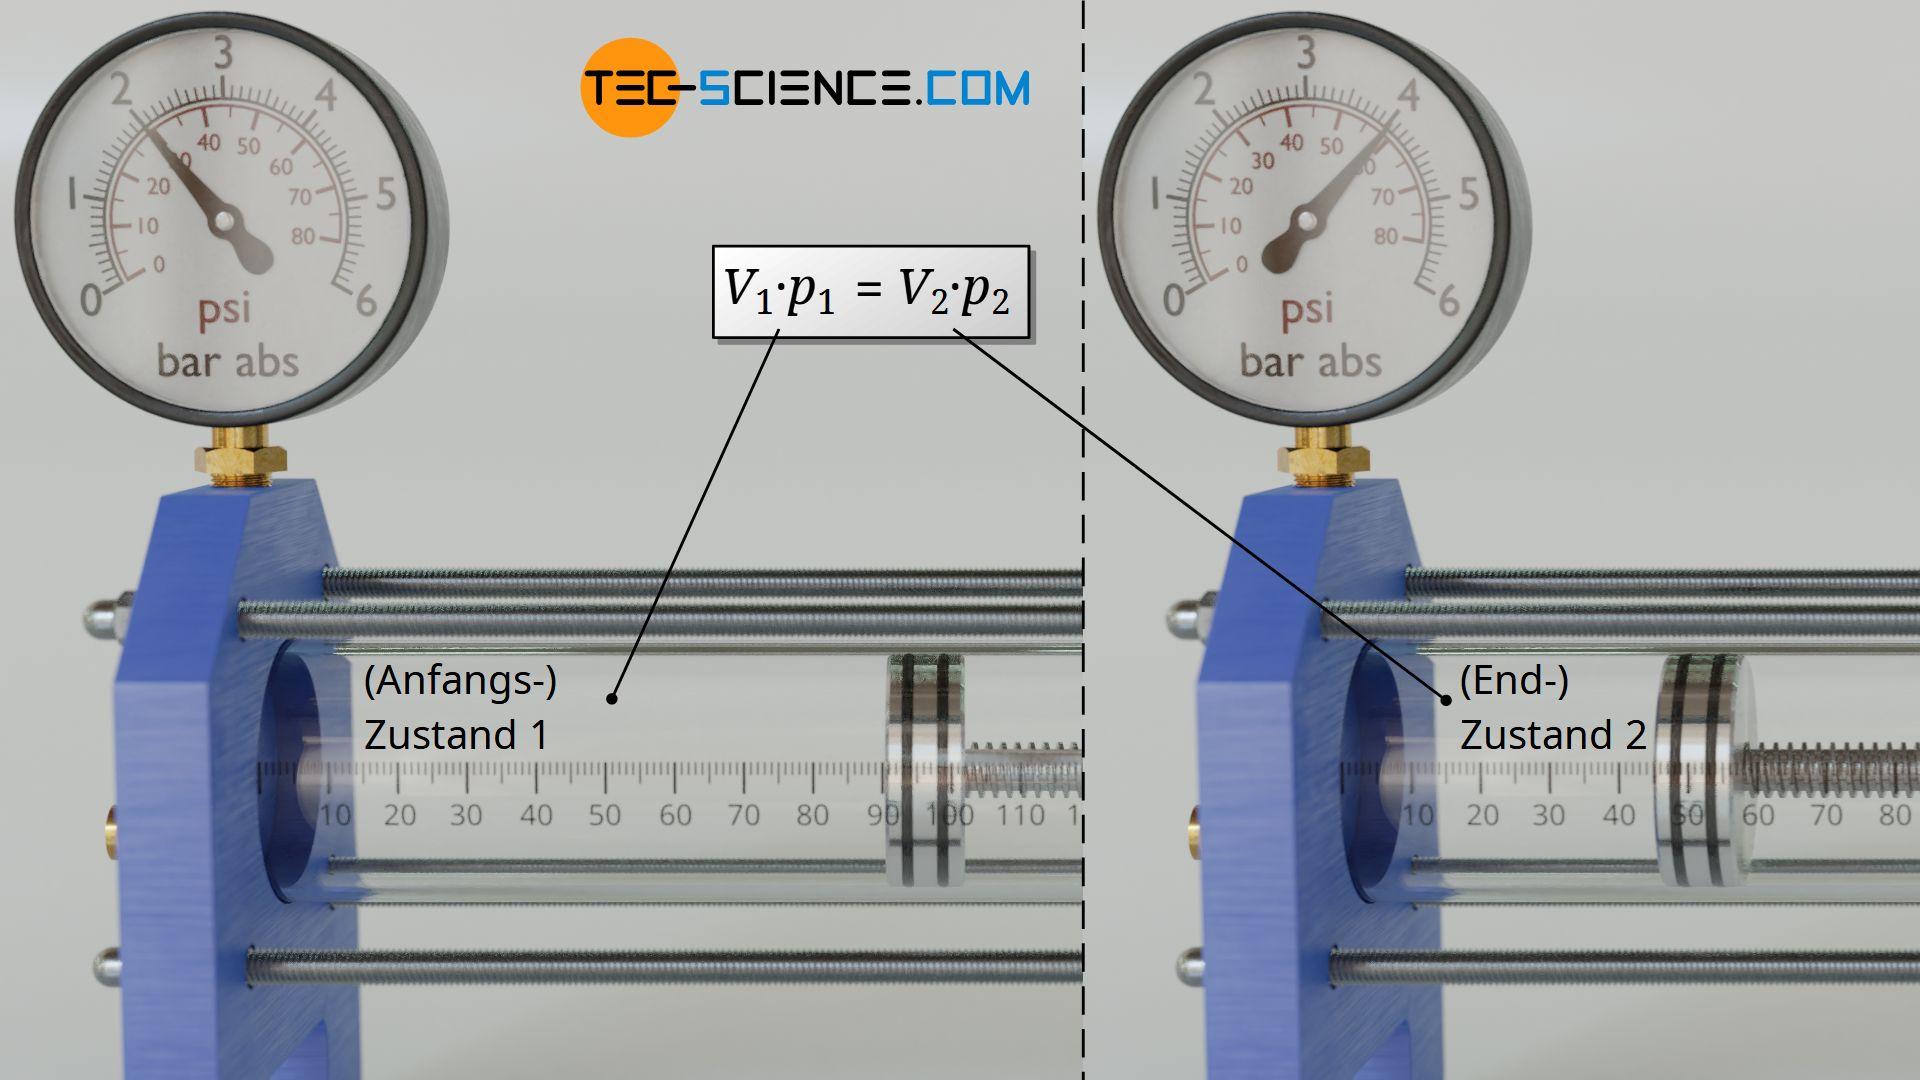 Verknüpfung zweier Zustände bei einem isothermen Prozess